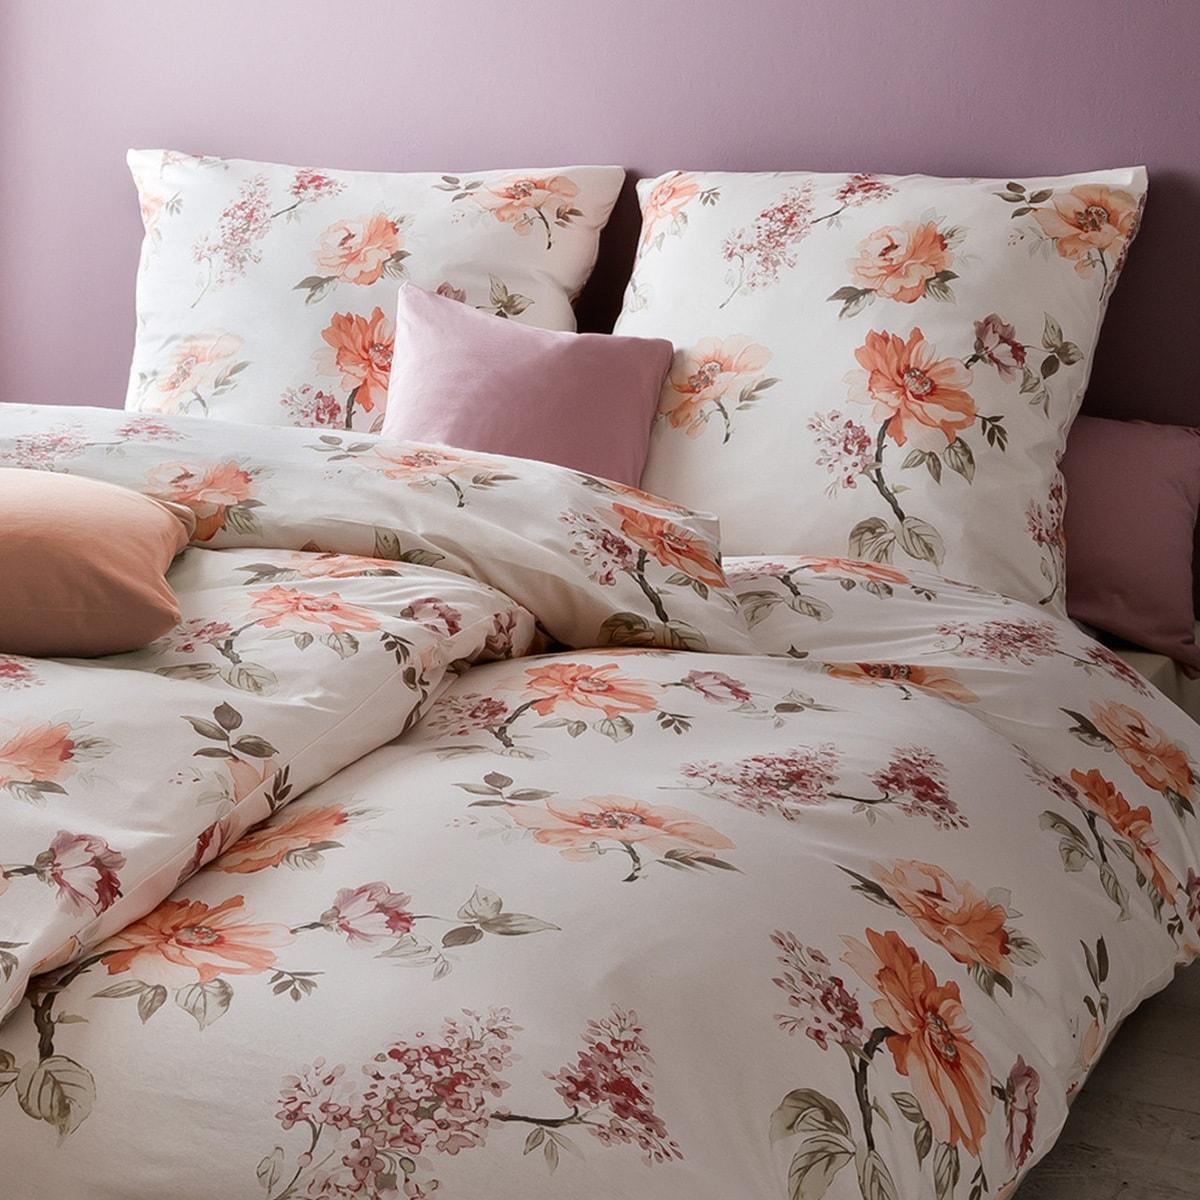 estella mako satin bettw sche 7028 390 lachs g nstig online kaufen bei bettwaren shop. Black Bedroom Furniture Sets. Home Design Ideas